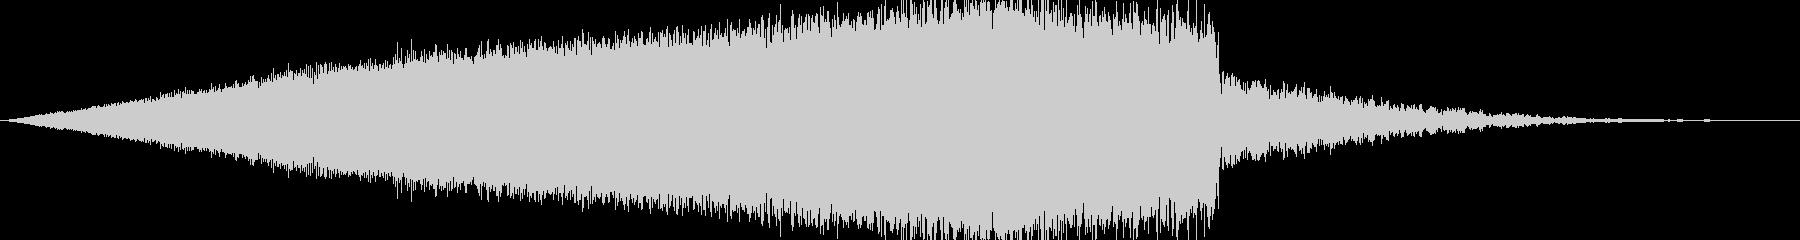 【映画】 シネマティックライザー 01の未再生の波形